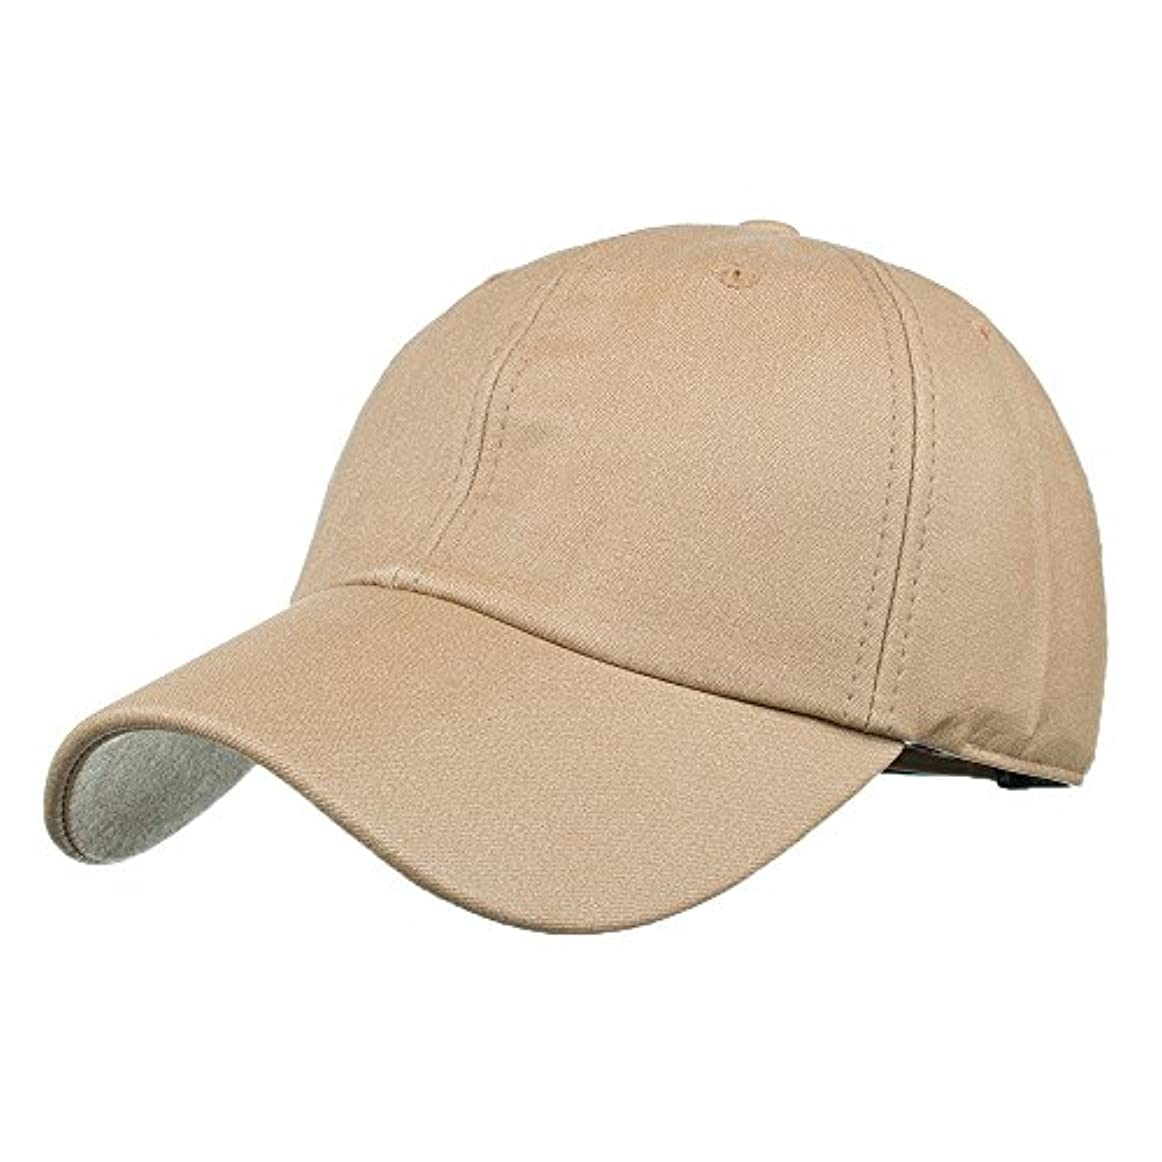 感謝する摩擦脱走Racazing Cap PU 無地 ヒップホップ 野球帽 通気性のある 帽子 夏 登山 可調整可能 棒球帽 UV 帽子 軽量 屋外 Unisex Hat (カーキ)